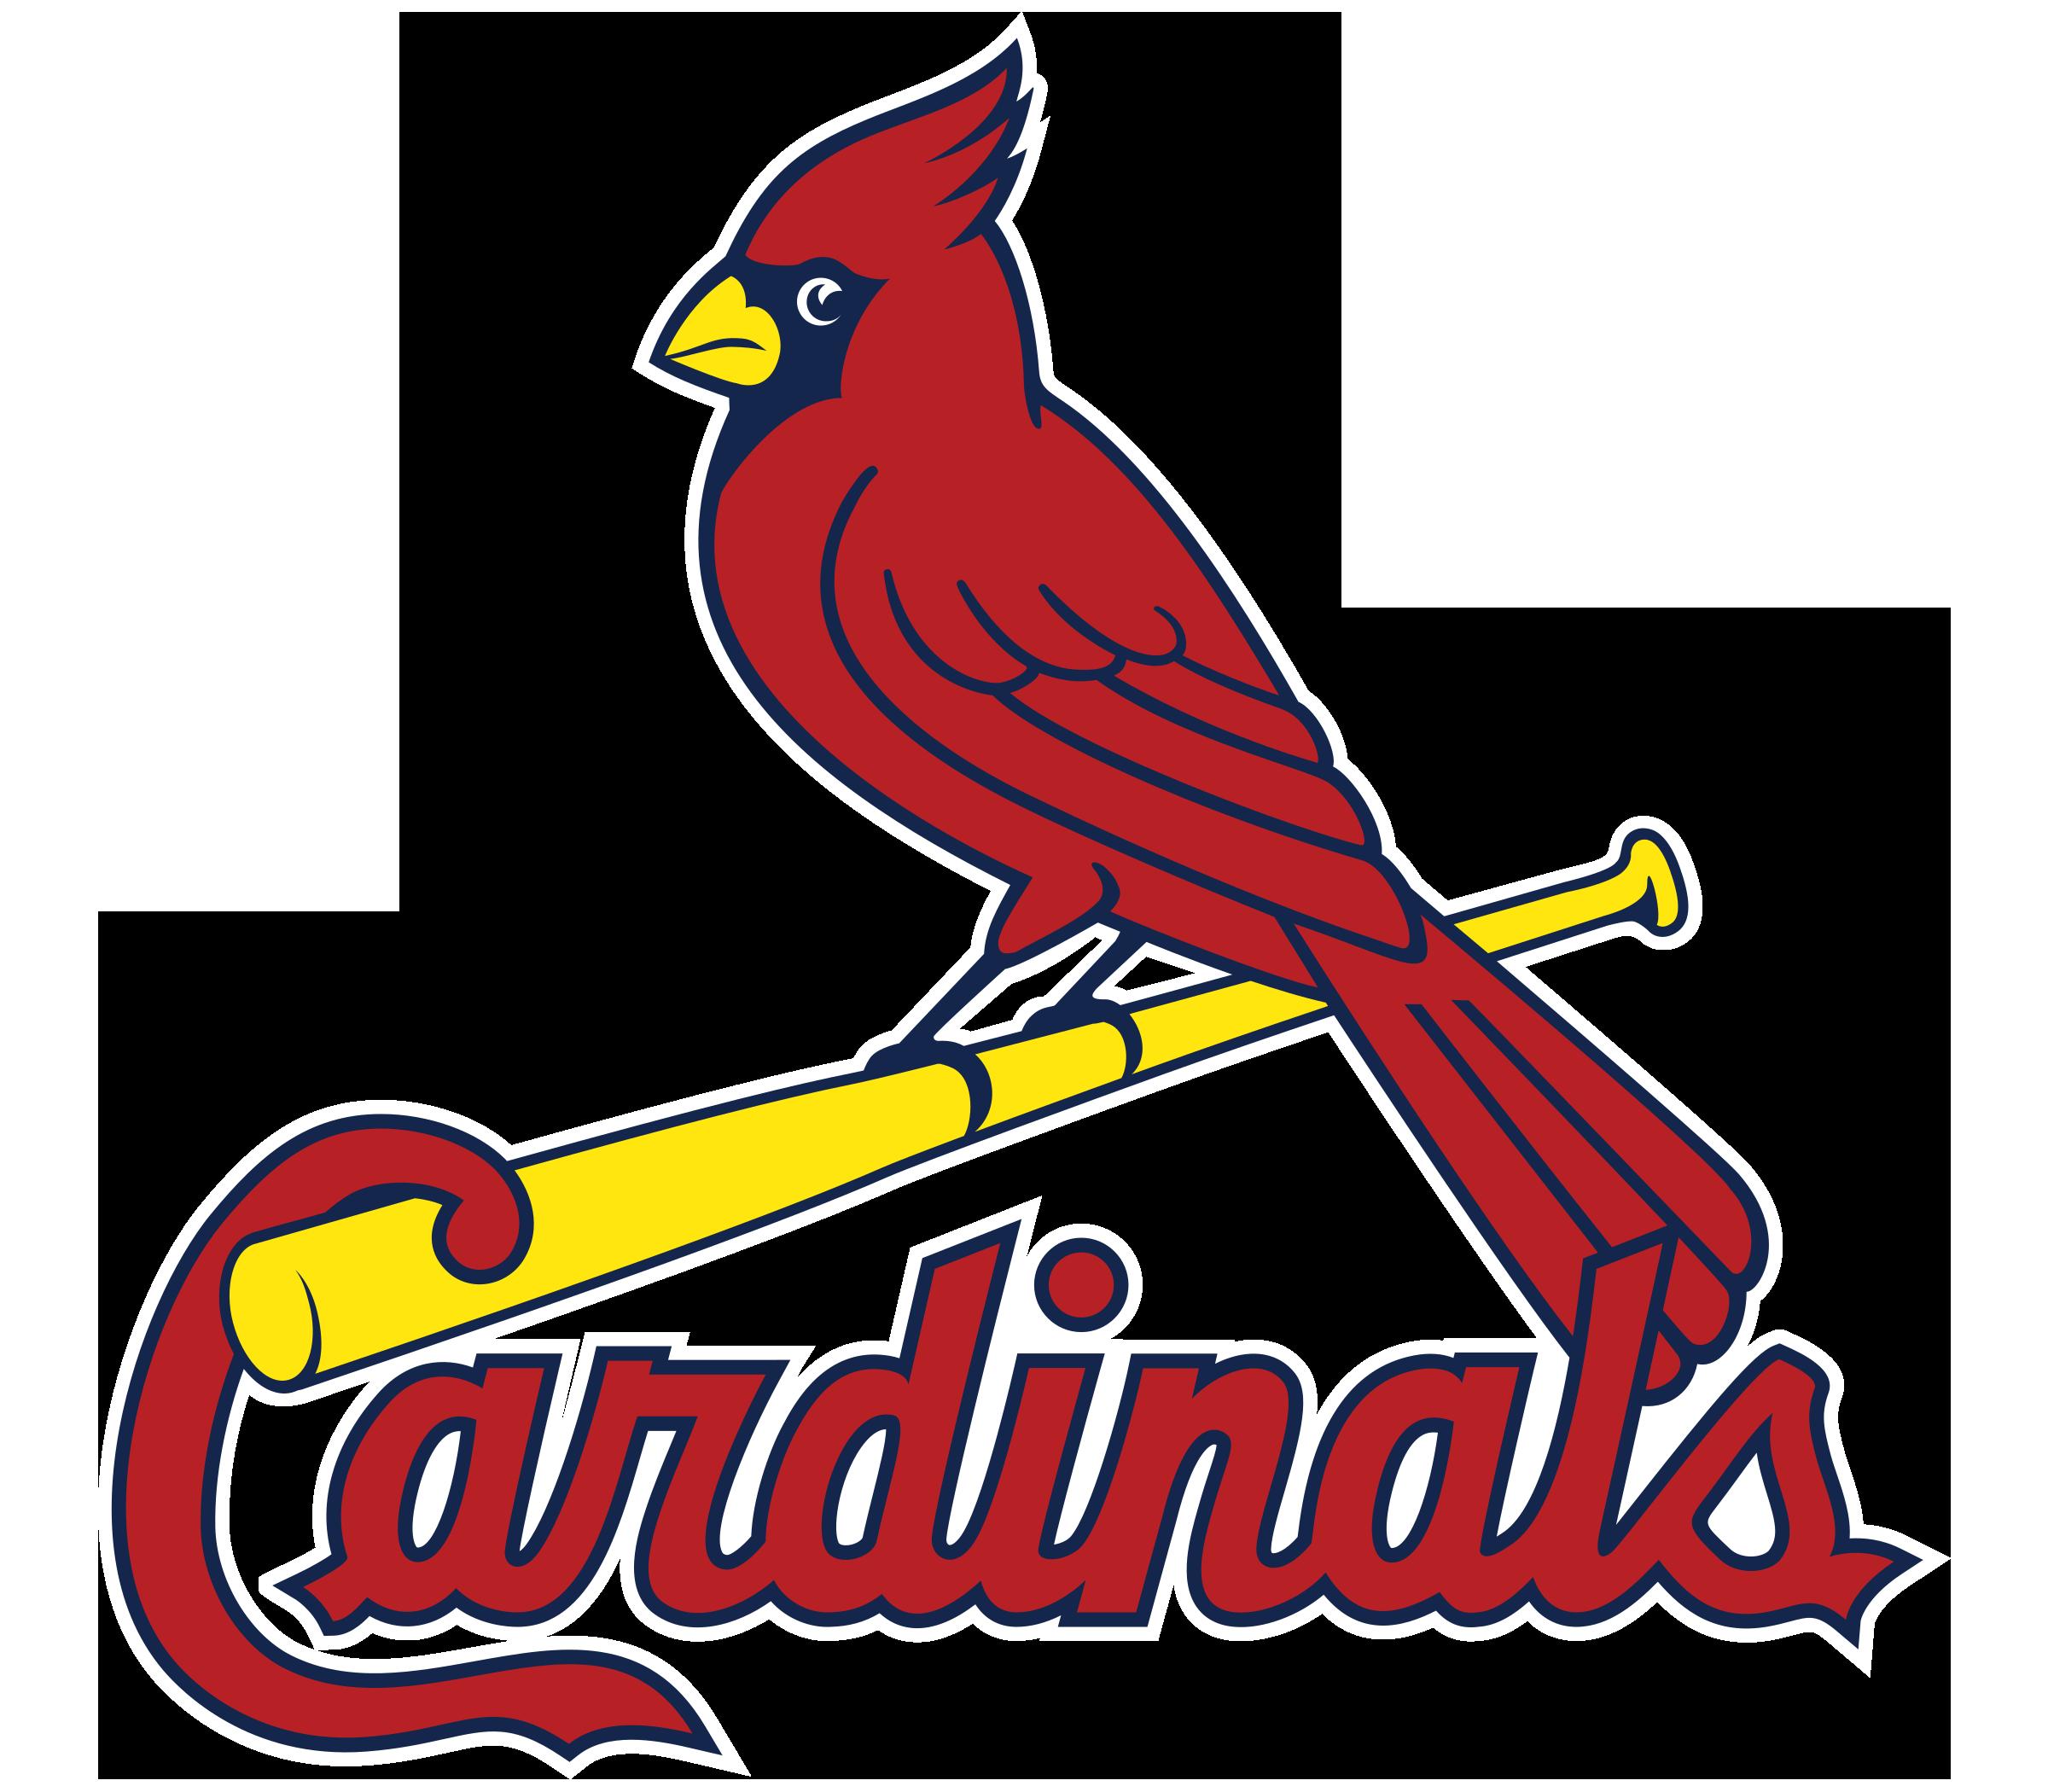 St louis cardinals logo. Cardinal clipart vector